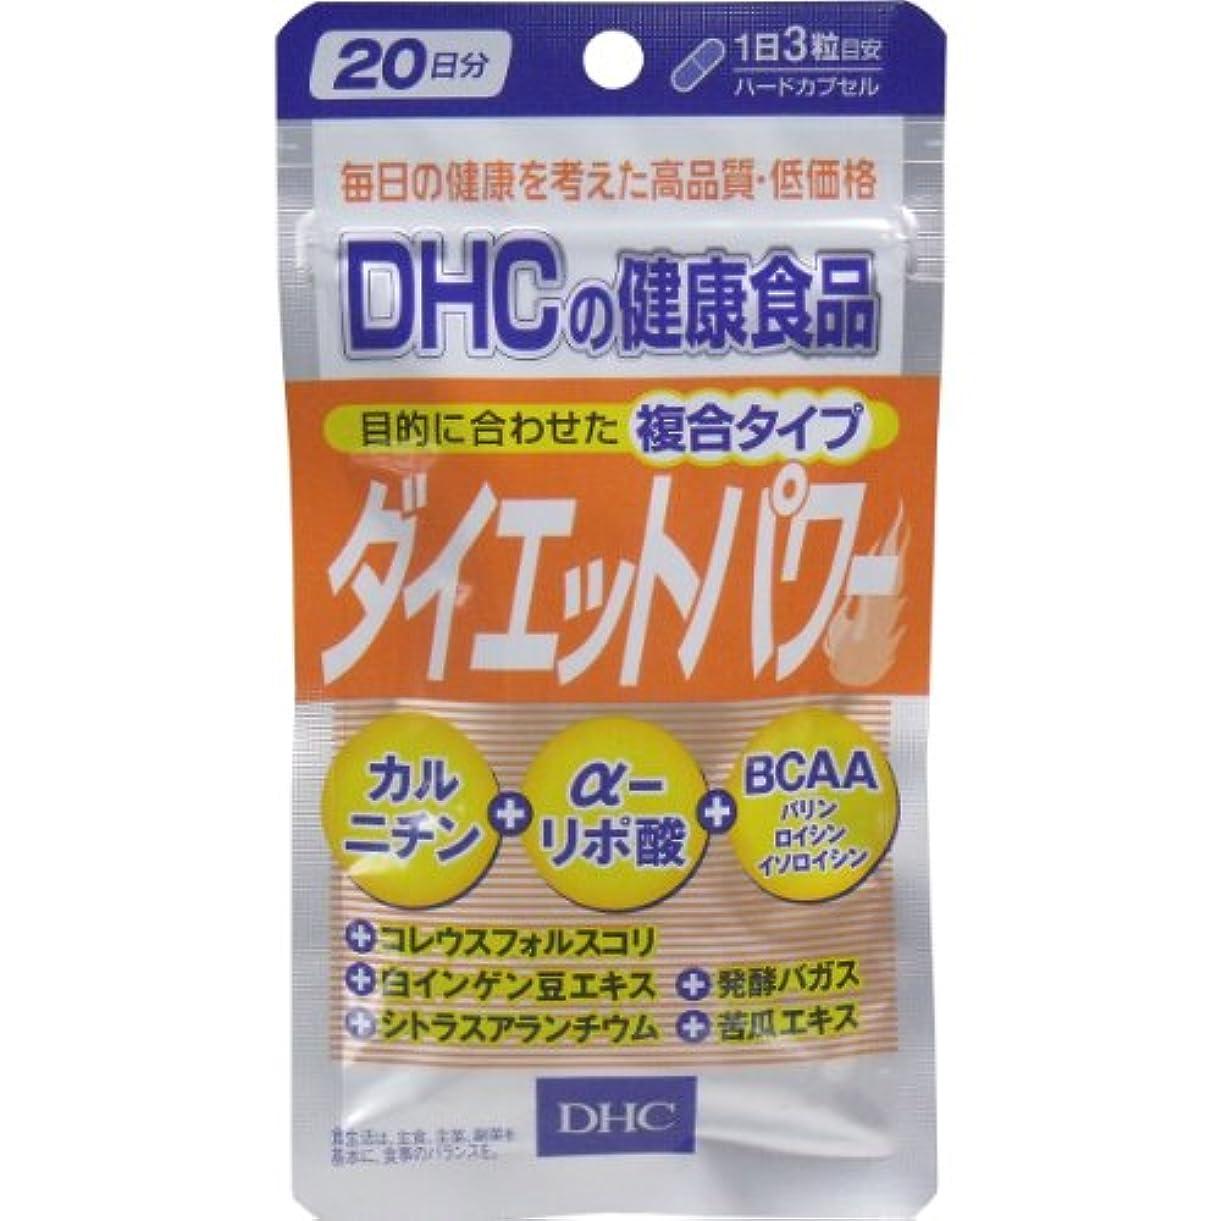 加入自体素朴なDHC ダイエットパワー 60粒入 20日分